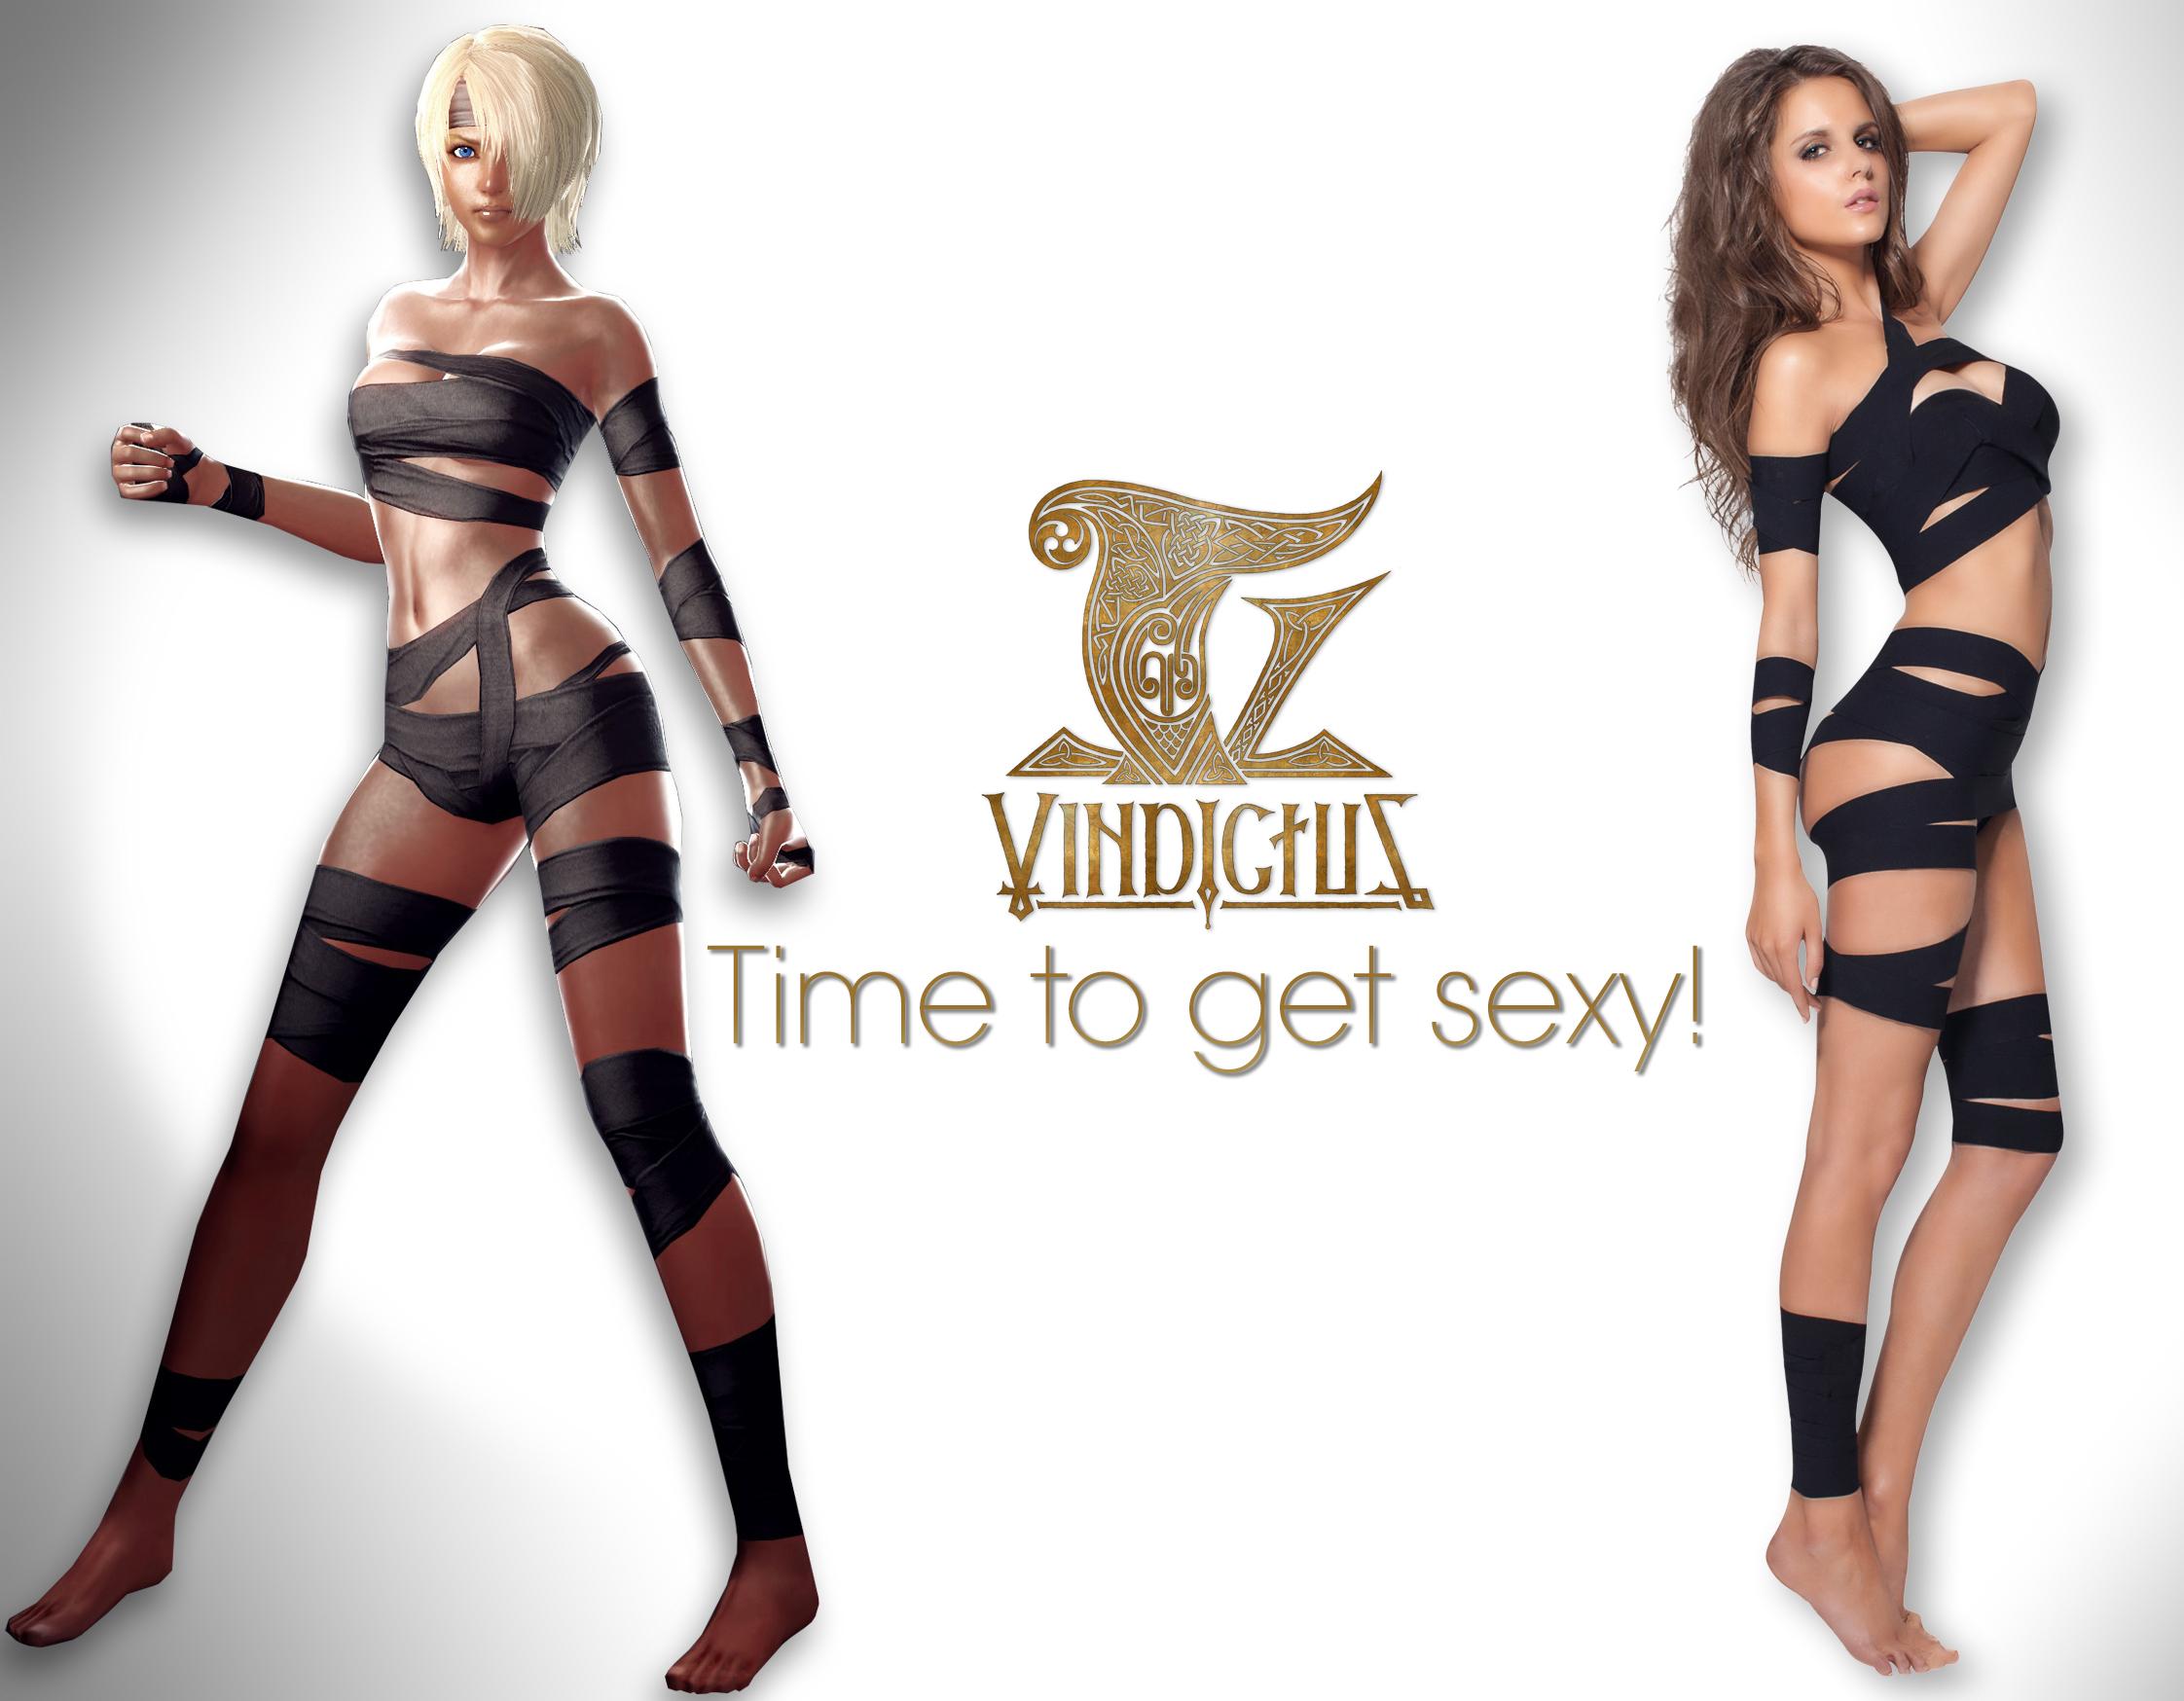 Vindictus porn pic erotic film